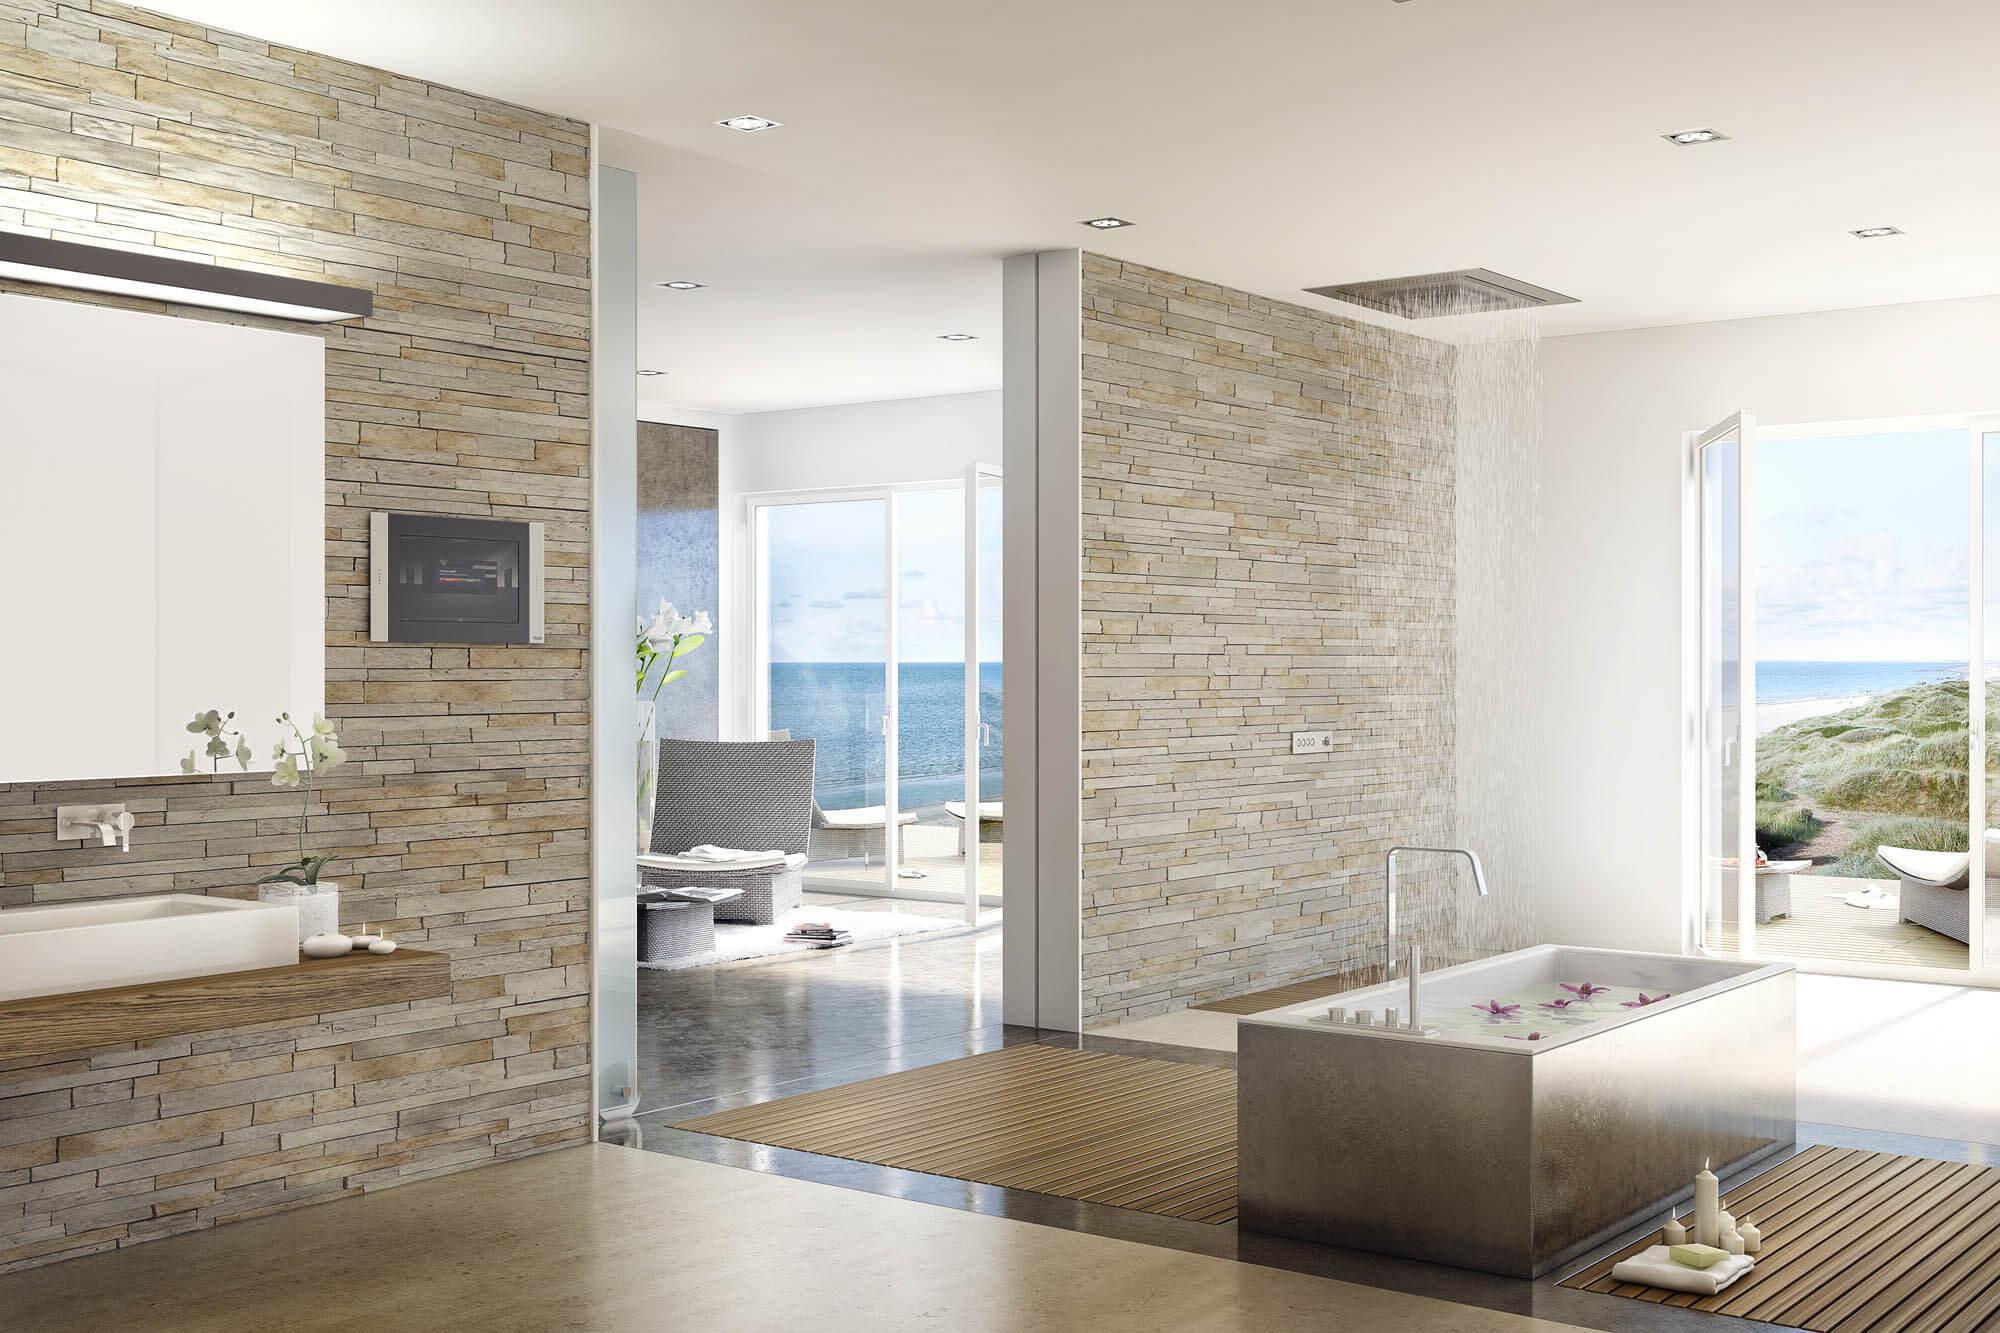 Badtrends 2019: Smart Home 2.0 Der Trend für das Badezimmer 2019 im elektrischen Bereich, ist die zunehmende Gewinnung von Land durch intelligente Steuerungssysteme. Diese erfassen nicht nur die Unterhaltungselektronik, die auch im Badezimmer Einzug gehalten hat, sondern auch Temperaturregler, Rollläden, Lüftungen, Wassertemperatur und vieles mehr. Auf Wunsch werden bereits heute futuristische Spiegel angefertigt, die nicht nur Zeit- und Temperaturanzeigen in die glatte Oberfläche integriert haben, sondern auch einen Touchscreen, mit dem man beispielsweise eine bestimmte Playlist per Handbewegung auswählen kann. Auch das Einlassen einer Badewanne funktioniert mittels des Smartphones, das an das hauseigene Steuerungssystem gekoppelt ist und damit auch von unterwegs aus erledigt werden kann. Und seien wir doch einmal ehrlich – Wer möchte nicht nachhause kommen und gleich in die fertig gefüllte Badewanne springen, die von einem herrlichen Duft aus dem ebenfalls intelligent steuerbaren Spender eingehüllt wird.